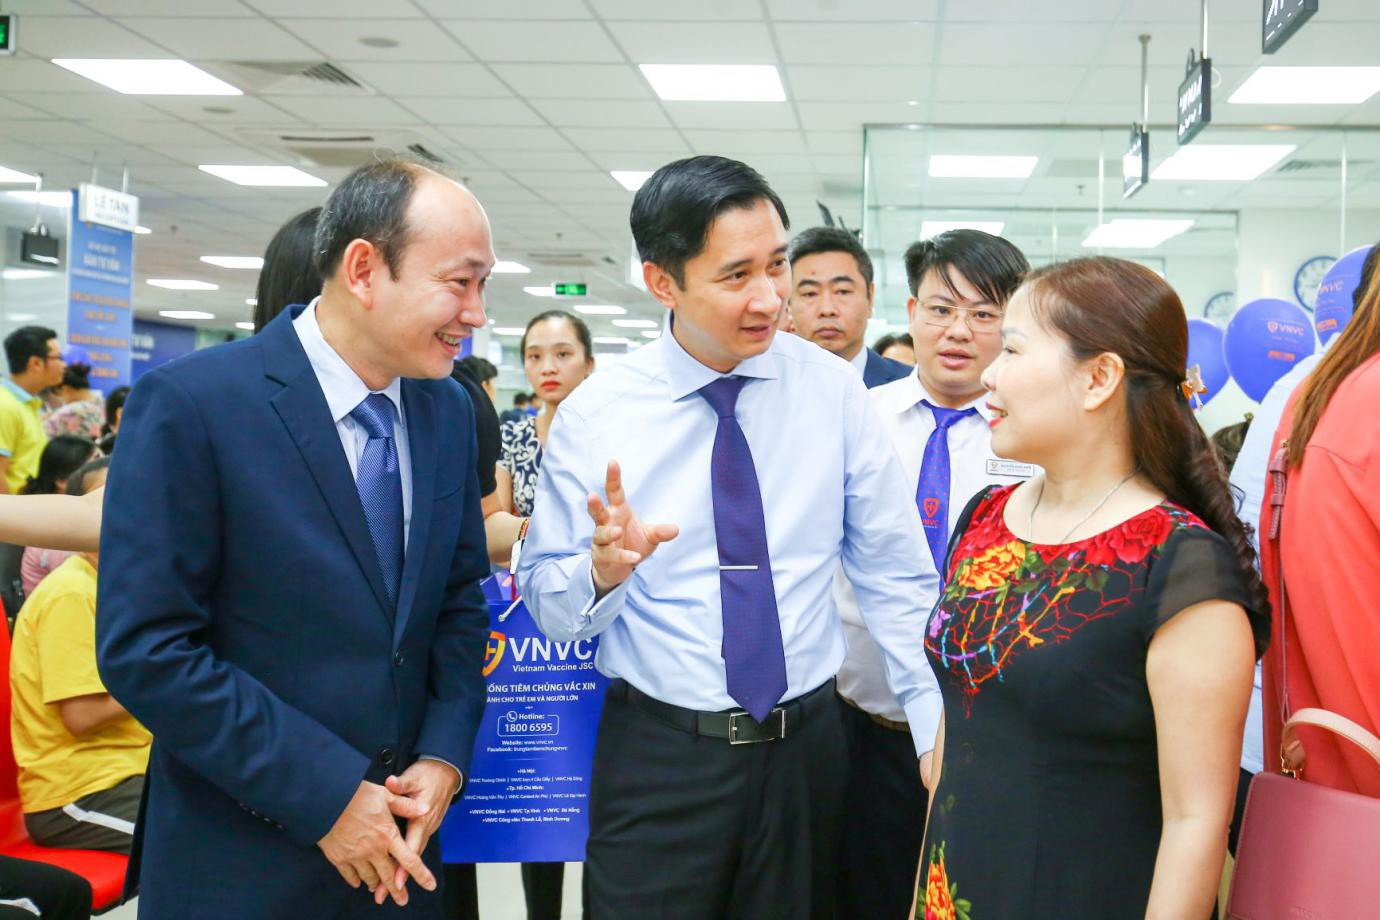 Ấn tượng với trải nghiệm tiêm chủng 5 sao tại VNVC Phú Thọ - Ảnh 3.